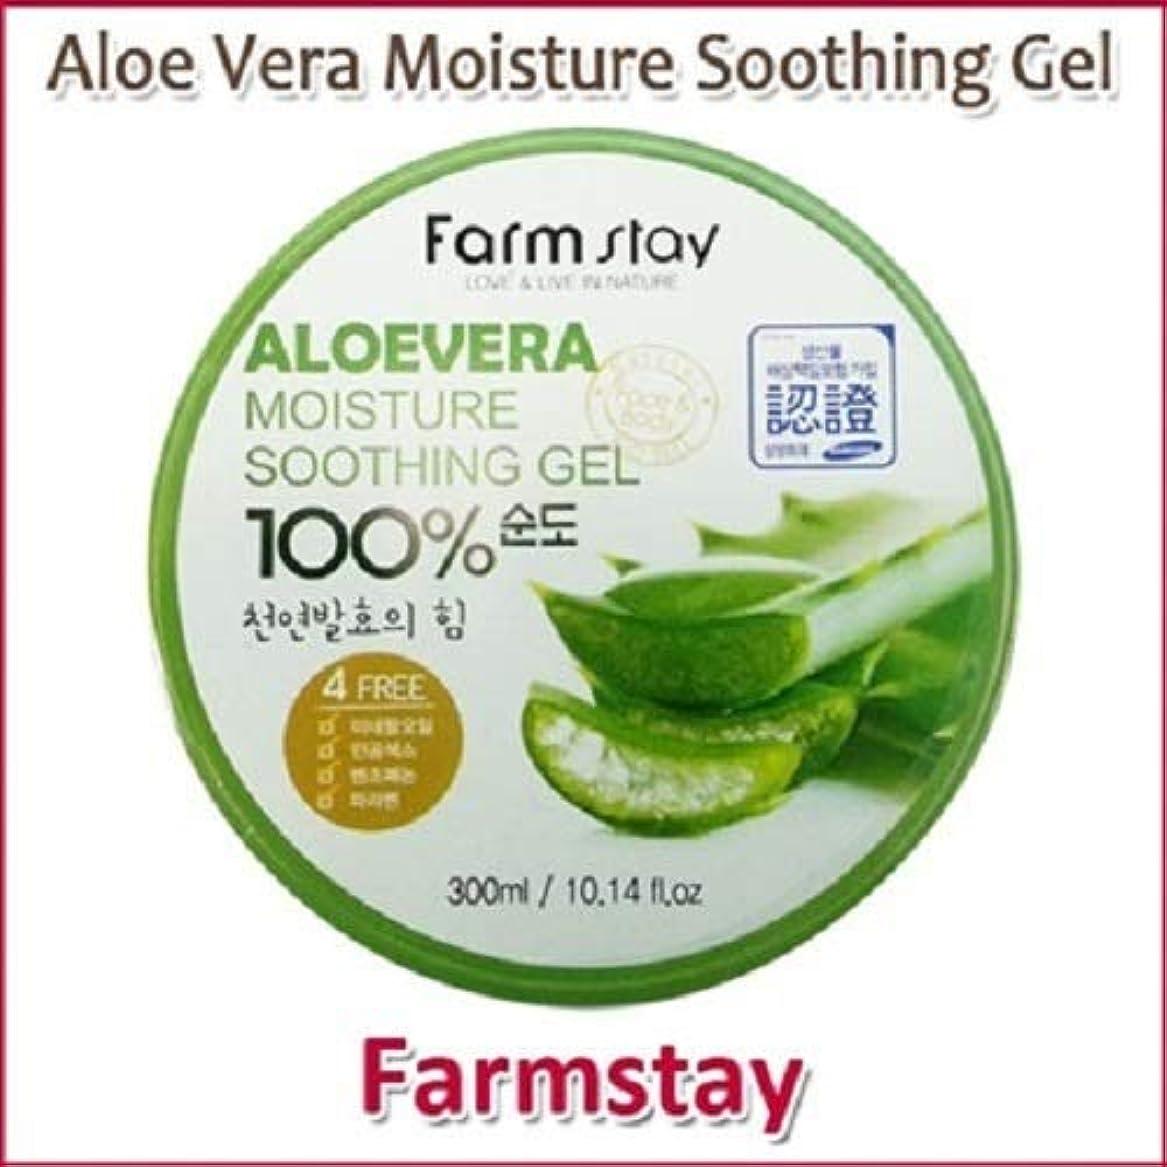 オーチャード移行振る舞うFarm Stay Aloe Vera Moisture Soothing Gel 300ml /オーガニック アロエベラゲル 100%/保湿ケア/韓国コスメ/Aloe Vera 100% /Moisturizing [...